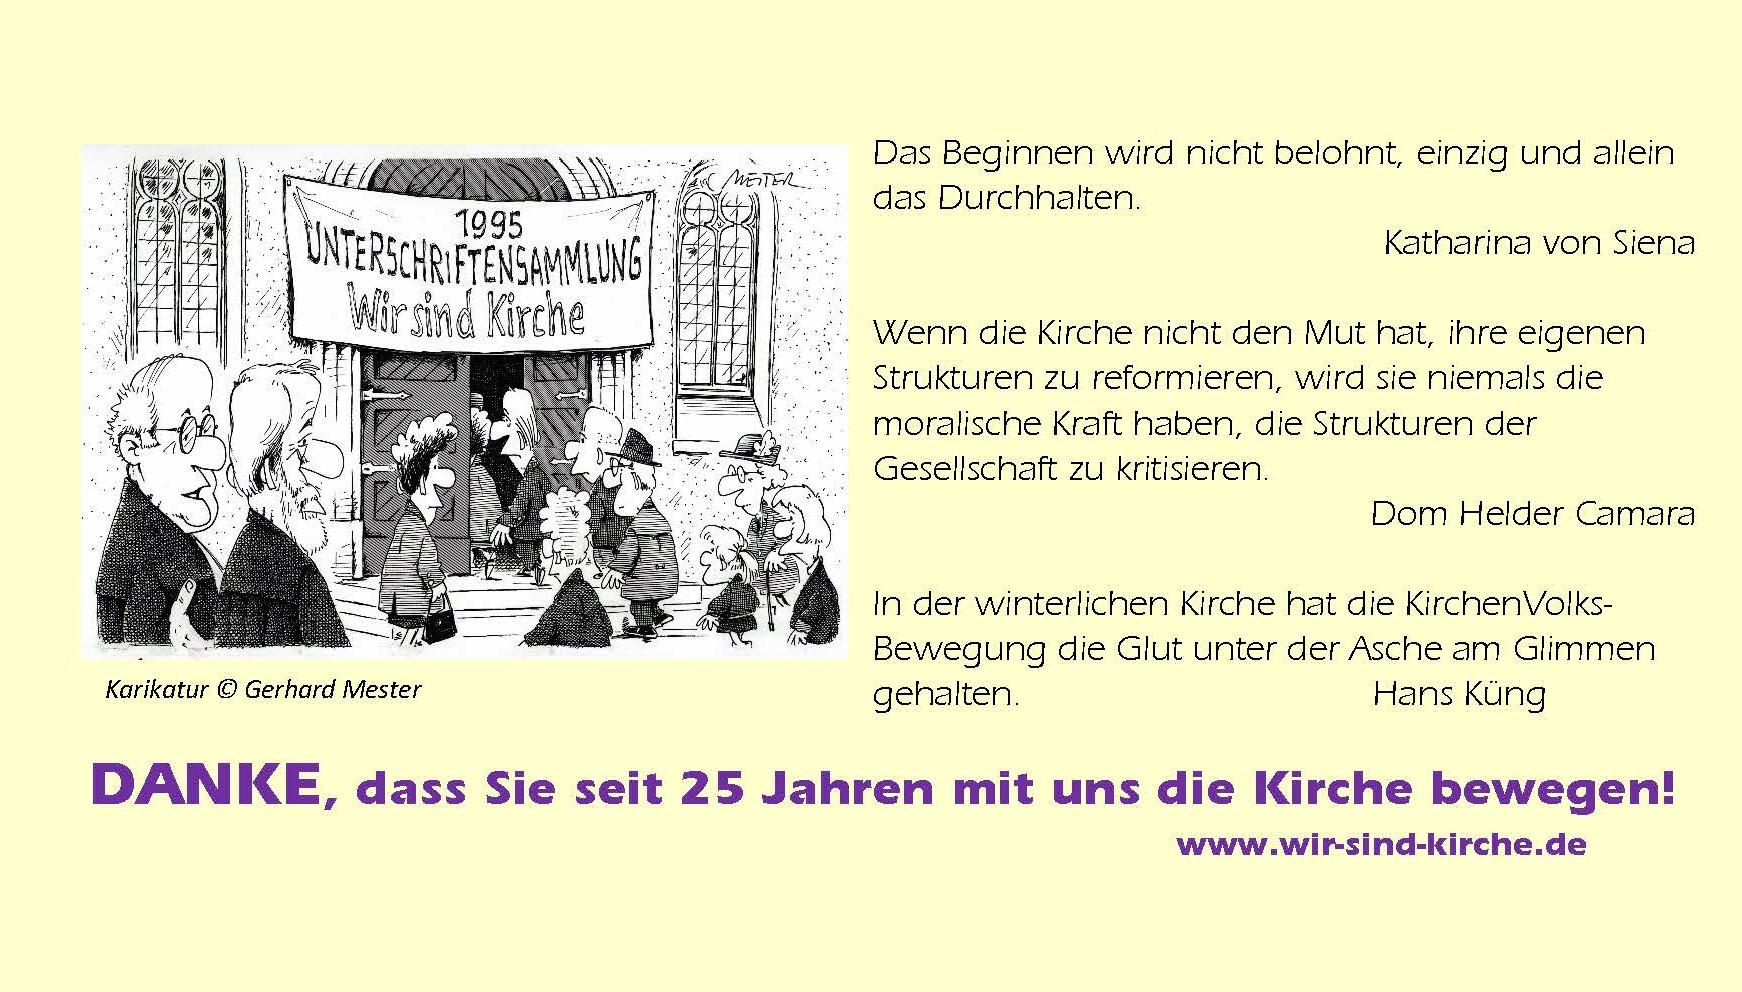 https://www.wir-sind-kirche.de/files/wsk/2020/M2010_Karte_1_.jpg